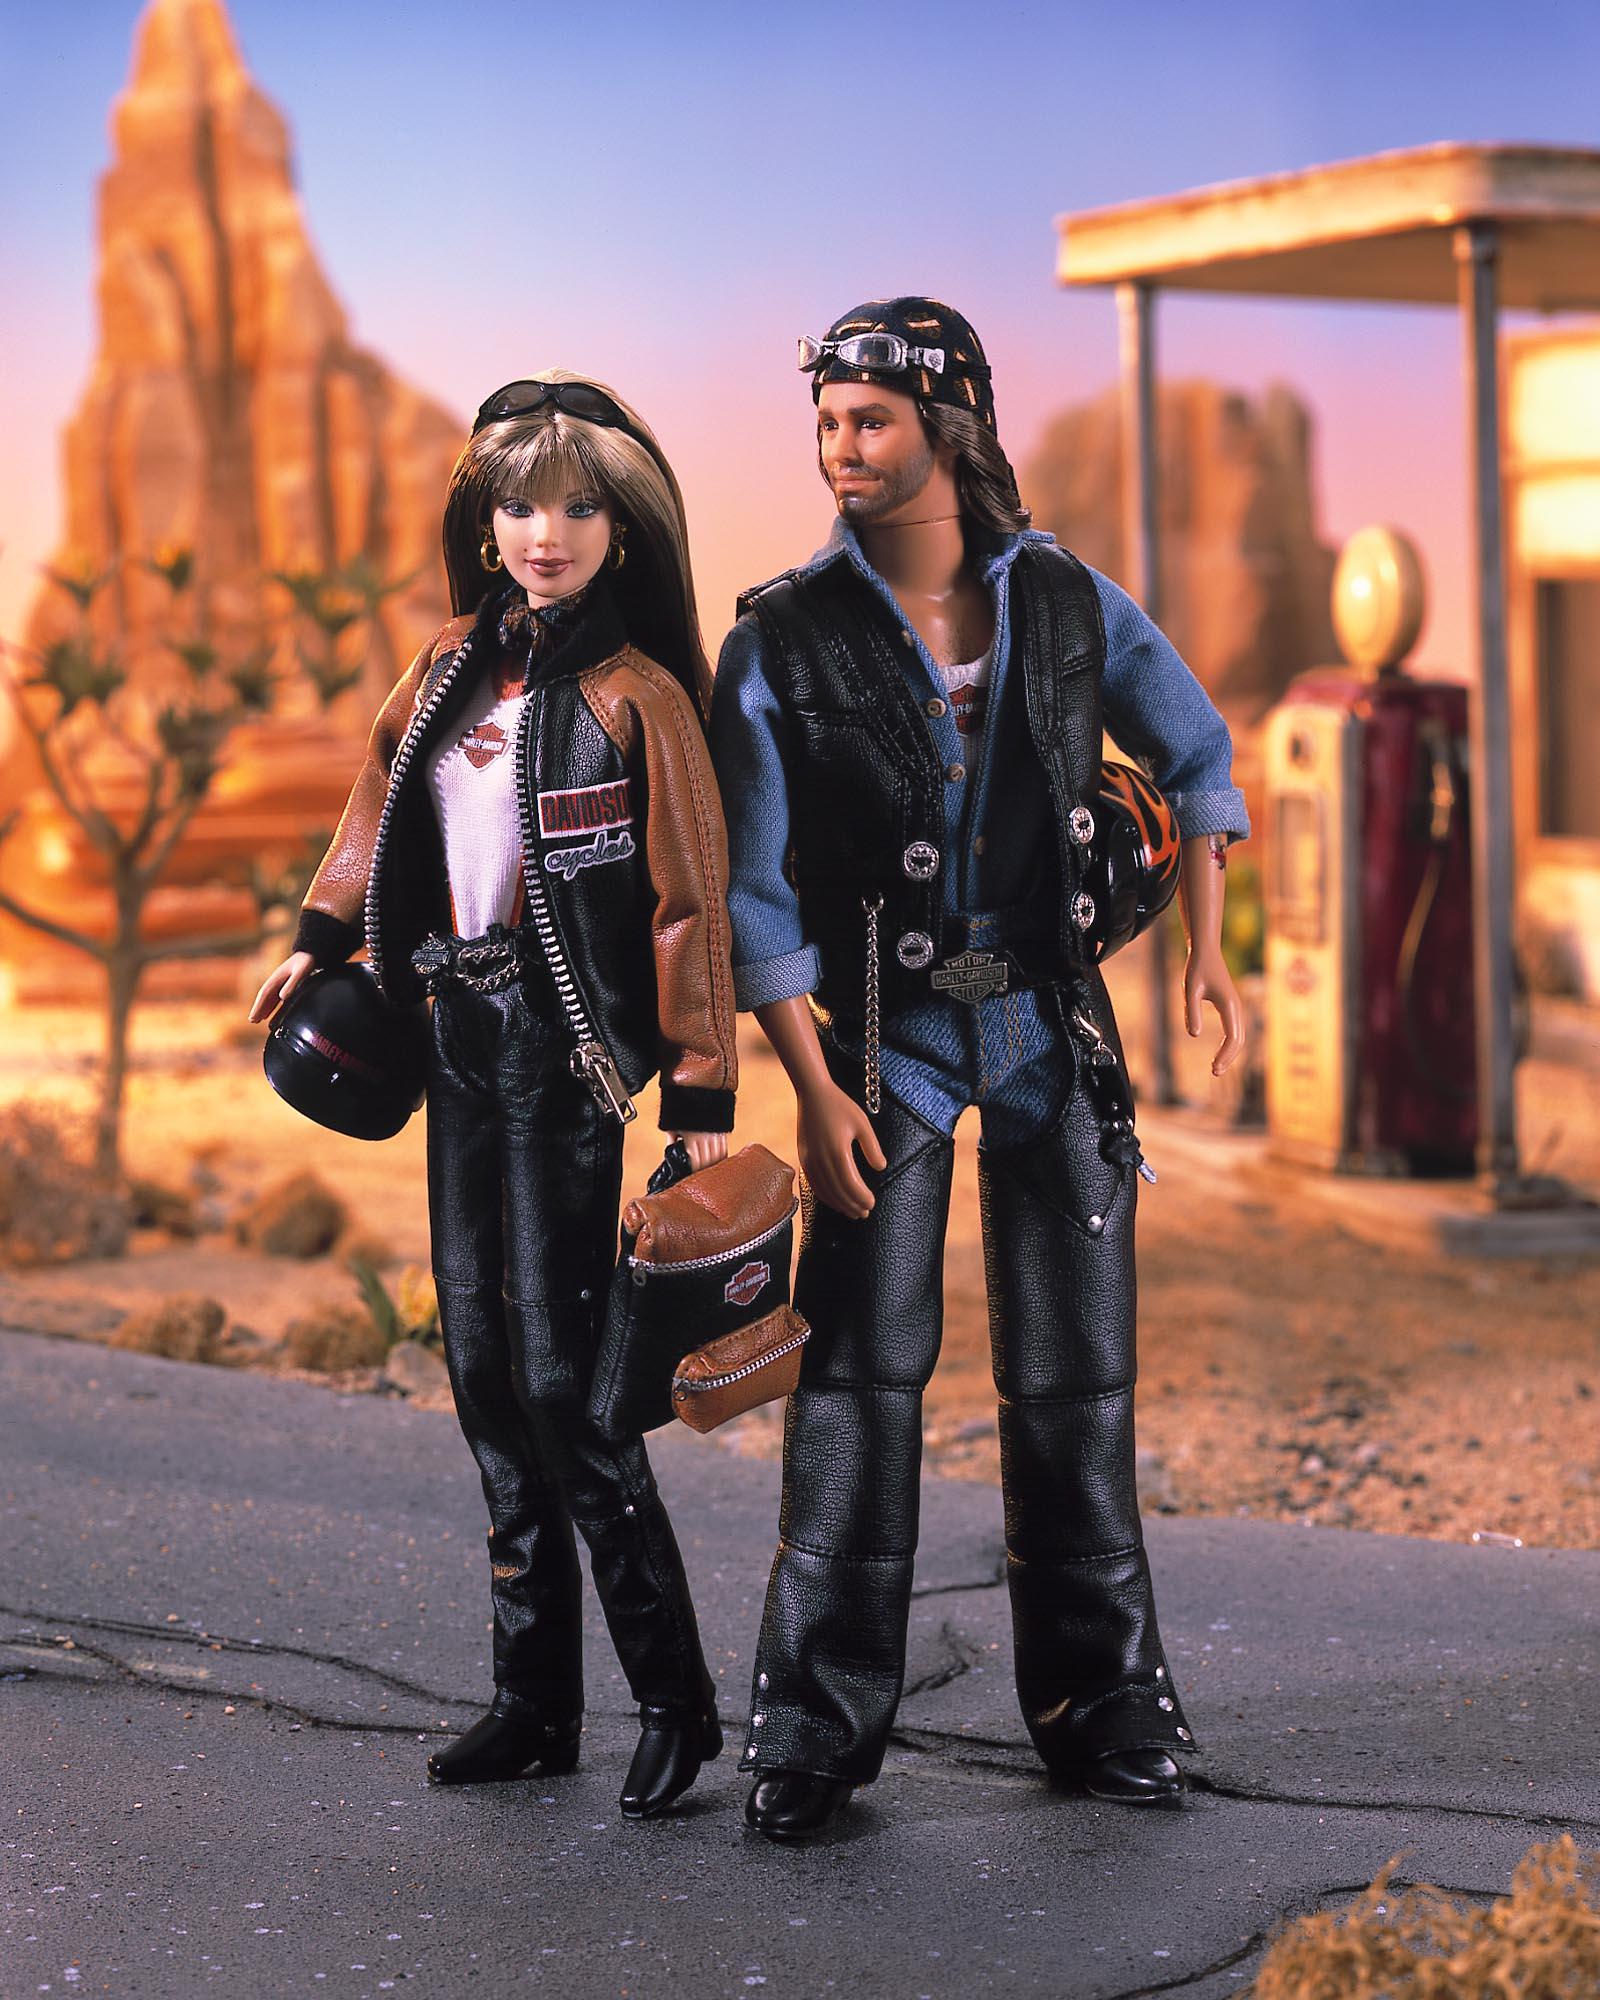 Harley Davidson Barbie and Ken Dolls